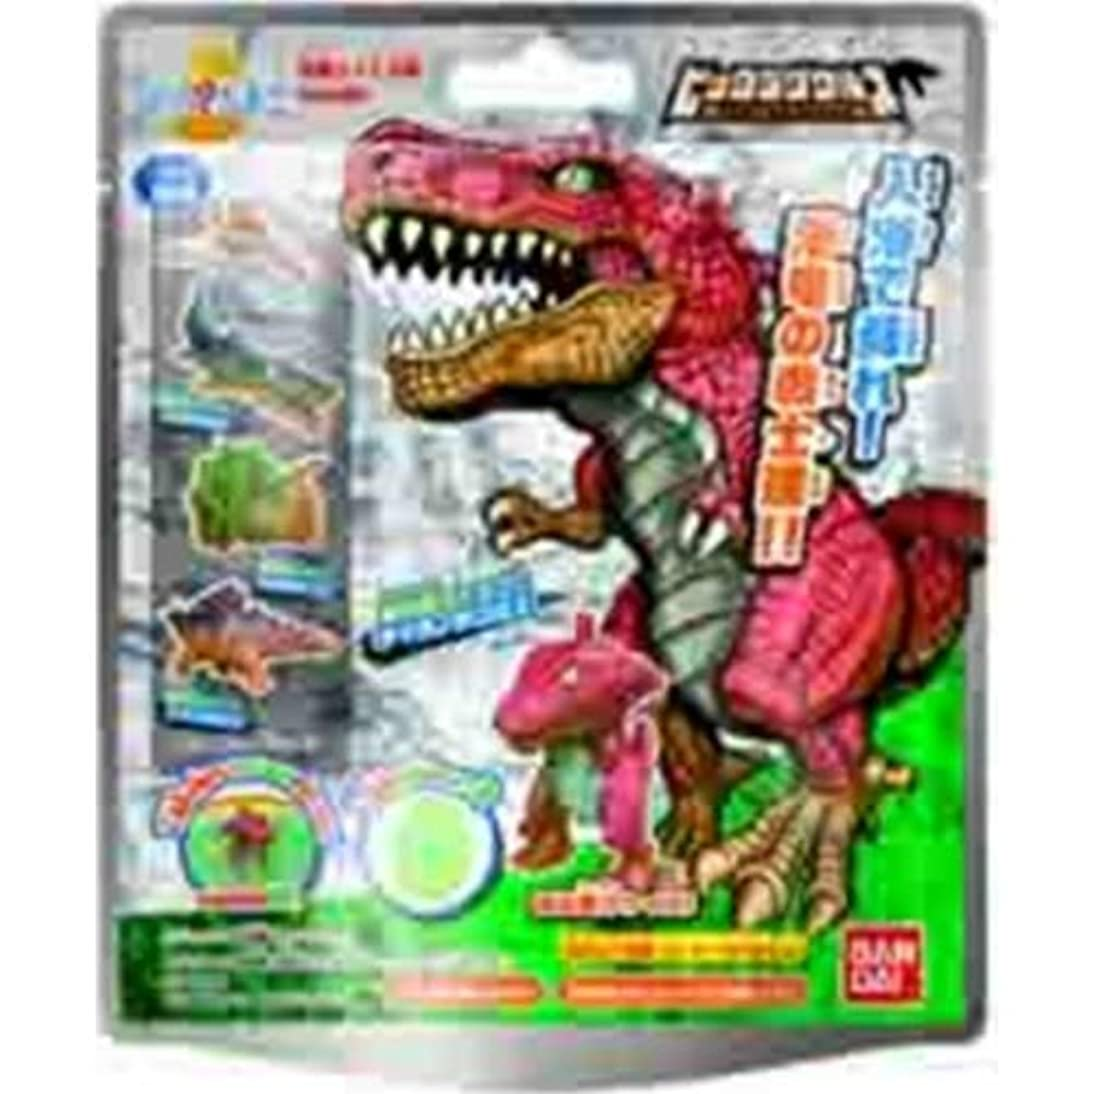 バーチャルみぞれ演じるバンダイ びっくらたまご ビックラザウルス